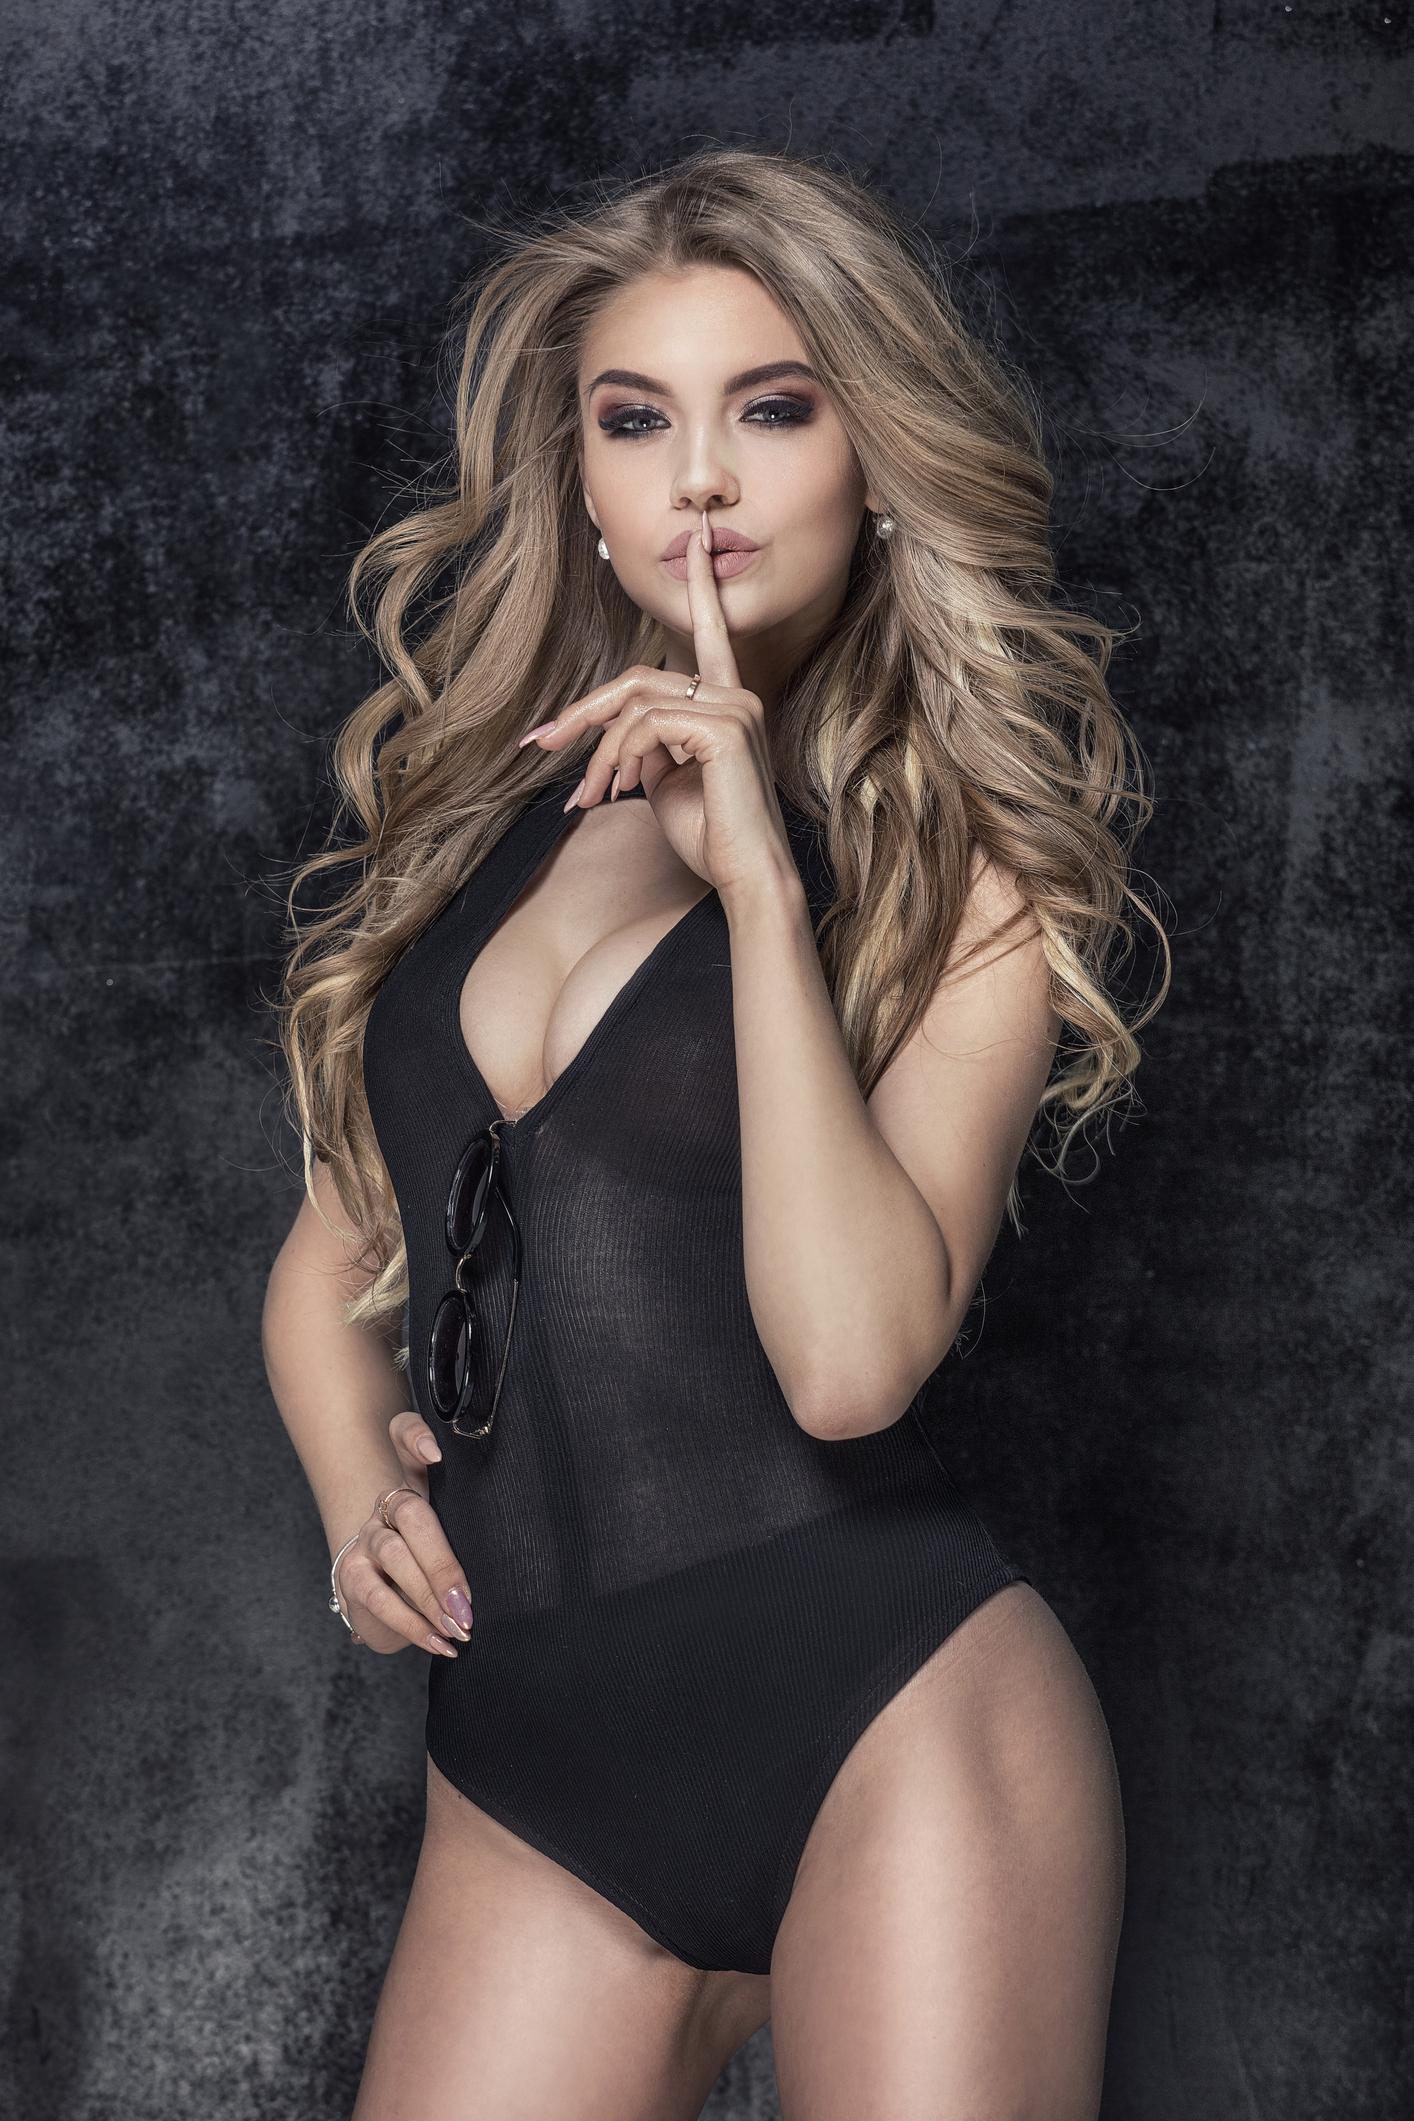 Femme en body